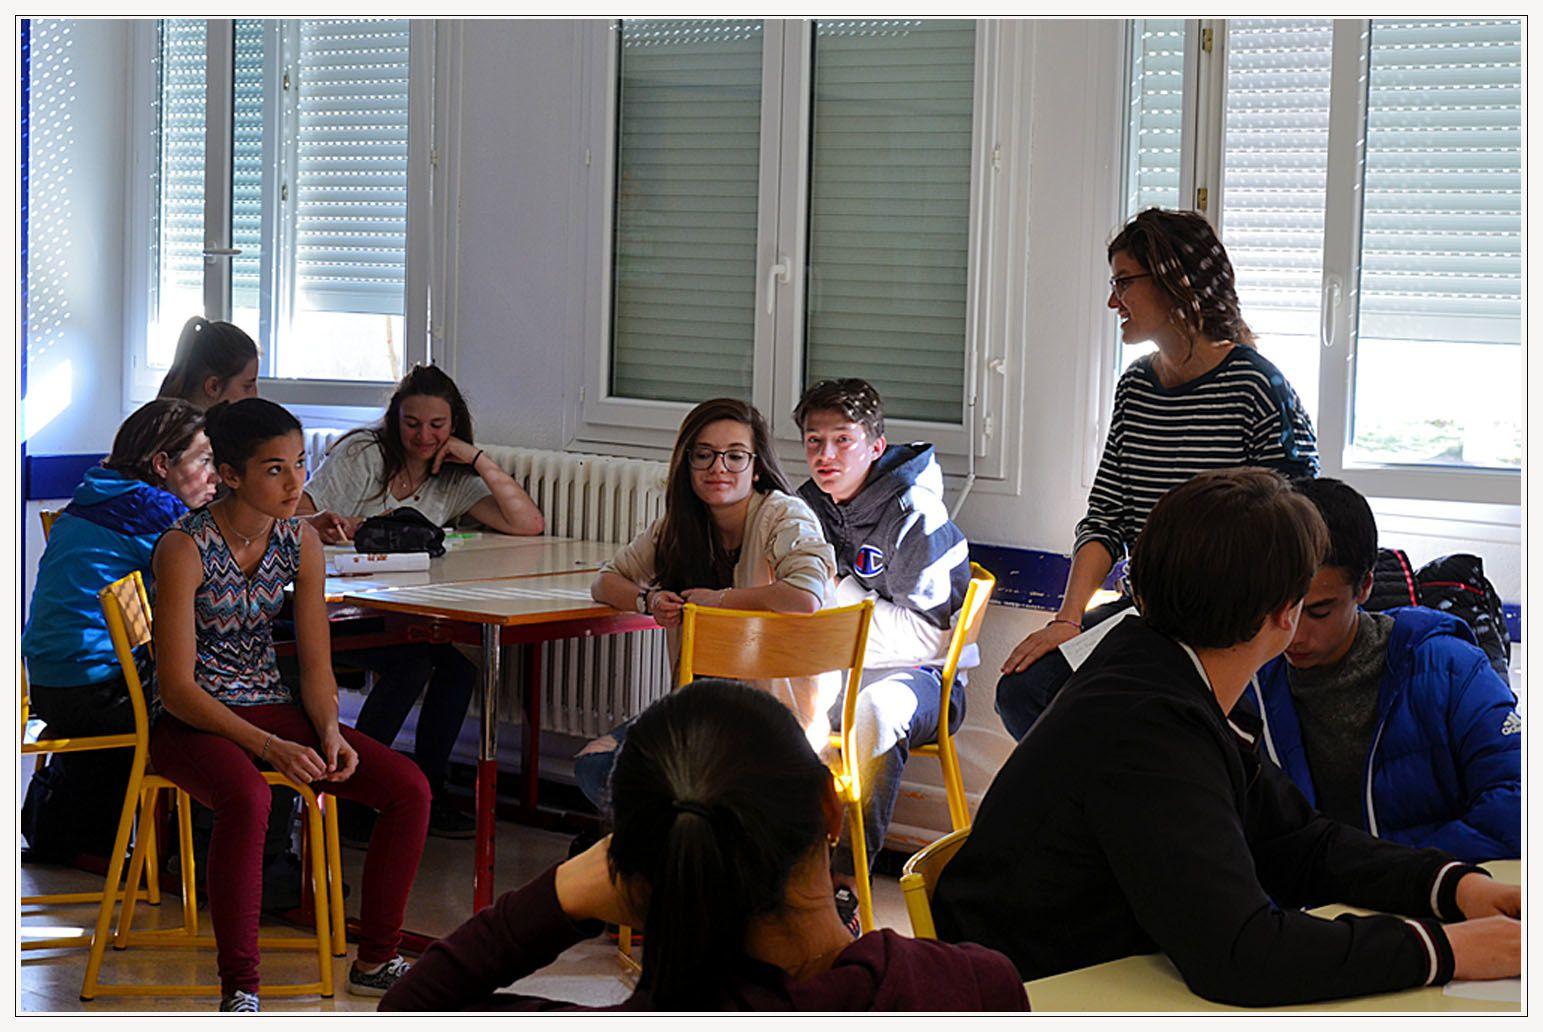 Saint André les Alpes : Le collège bouge son...territoire !